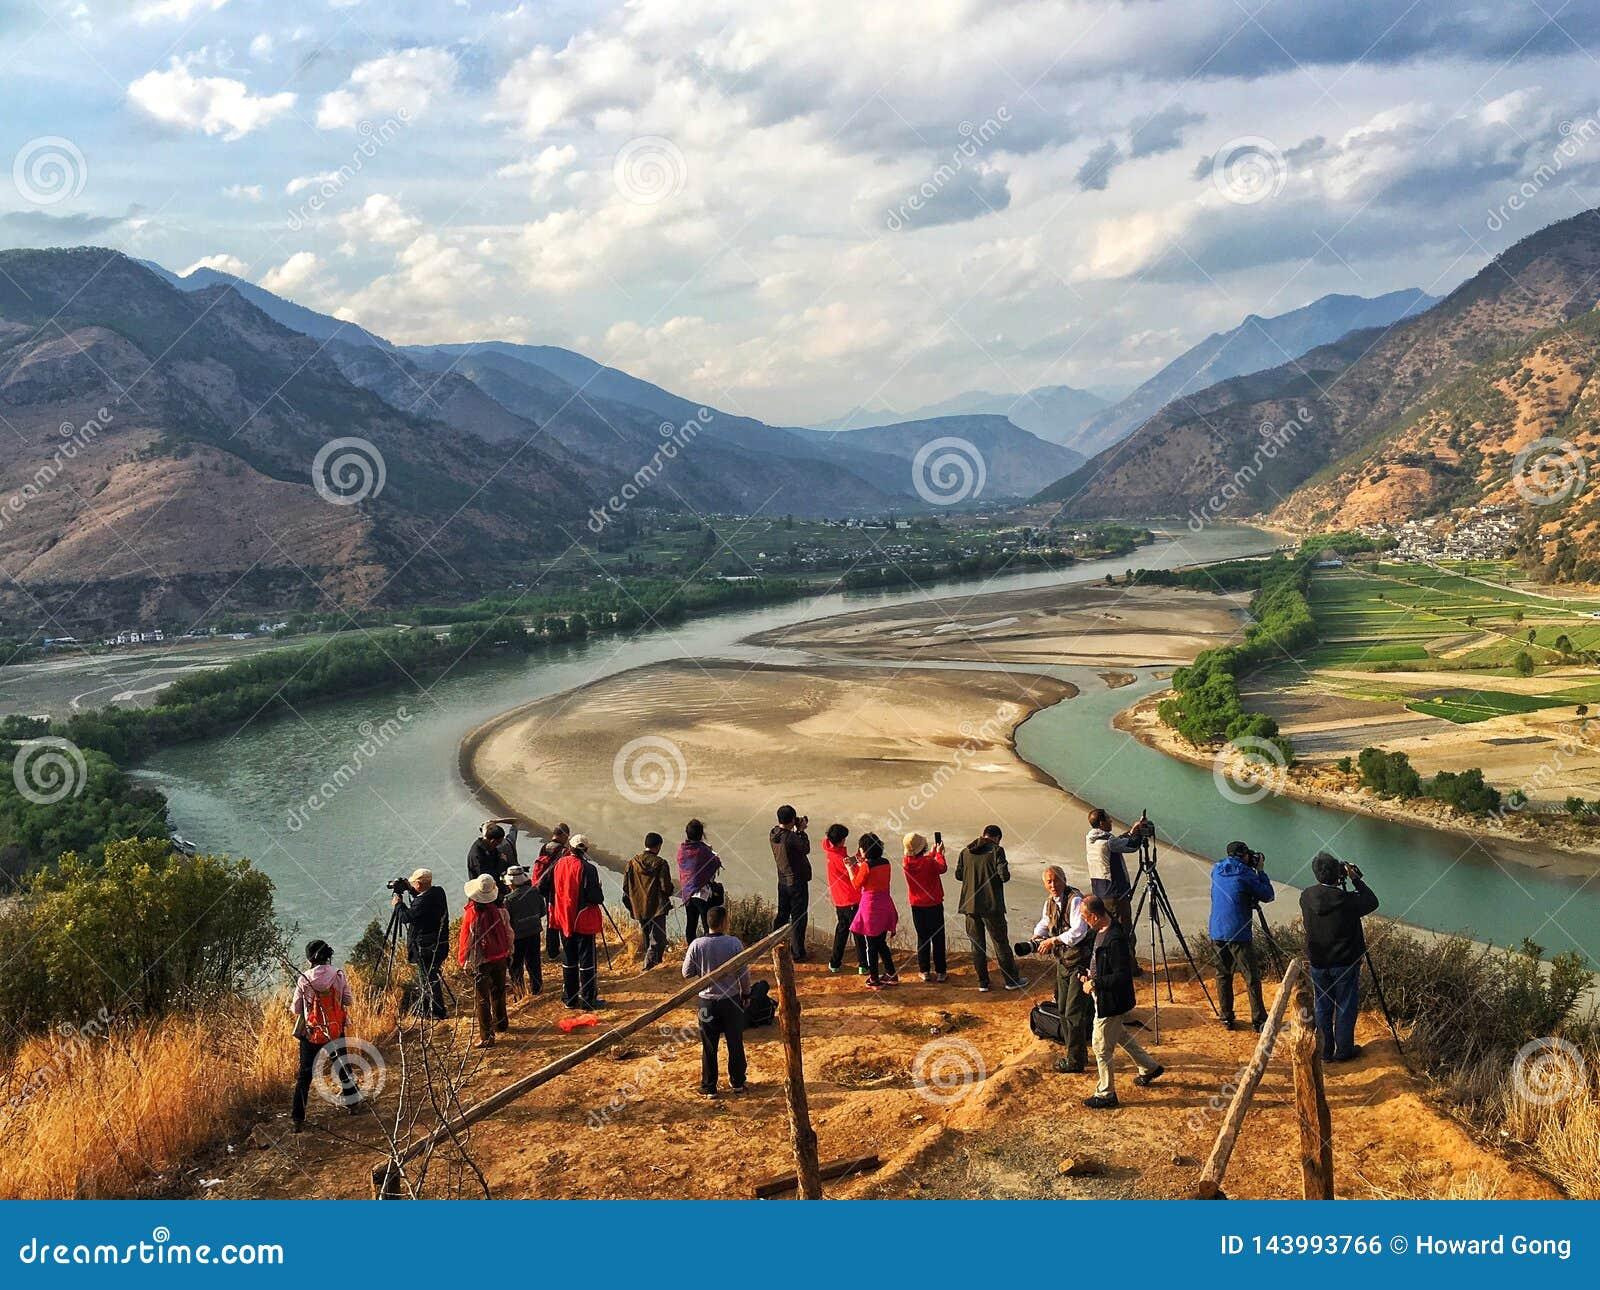 Een passage van de Yangtze-rivier in yunnan provincie, China